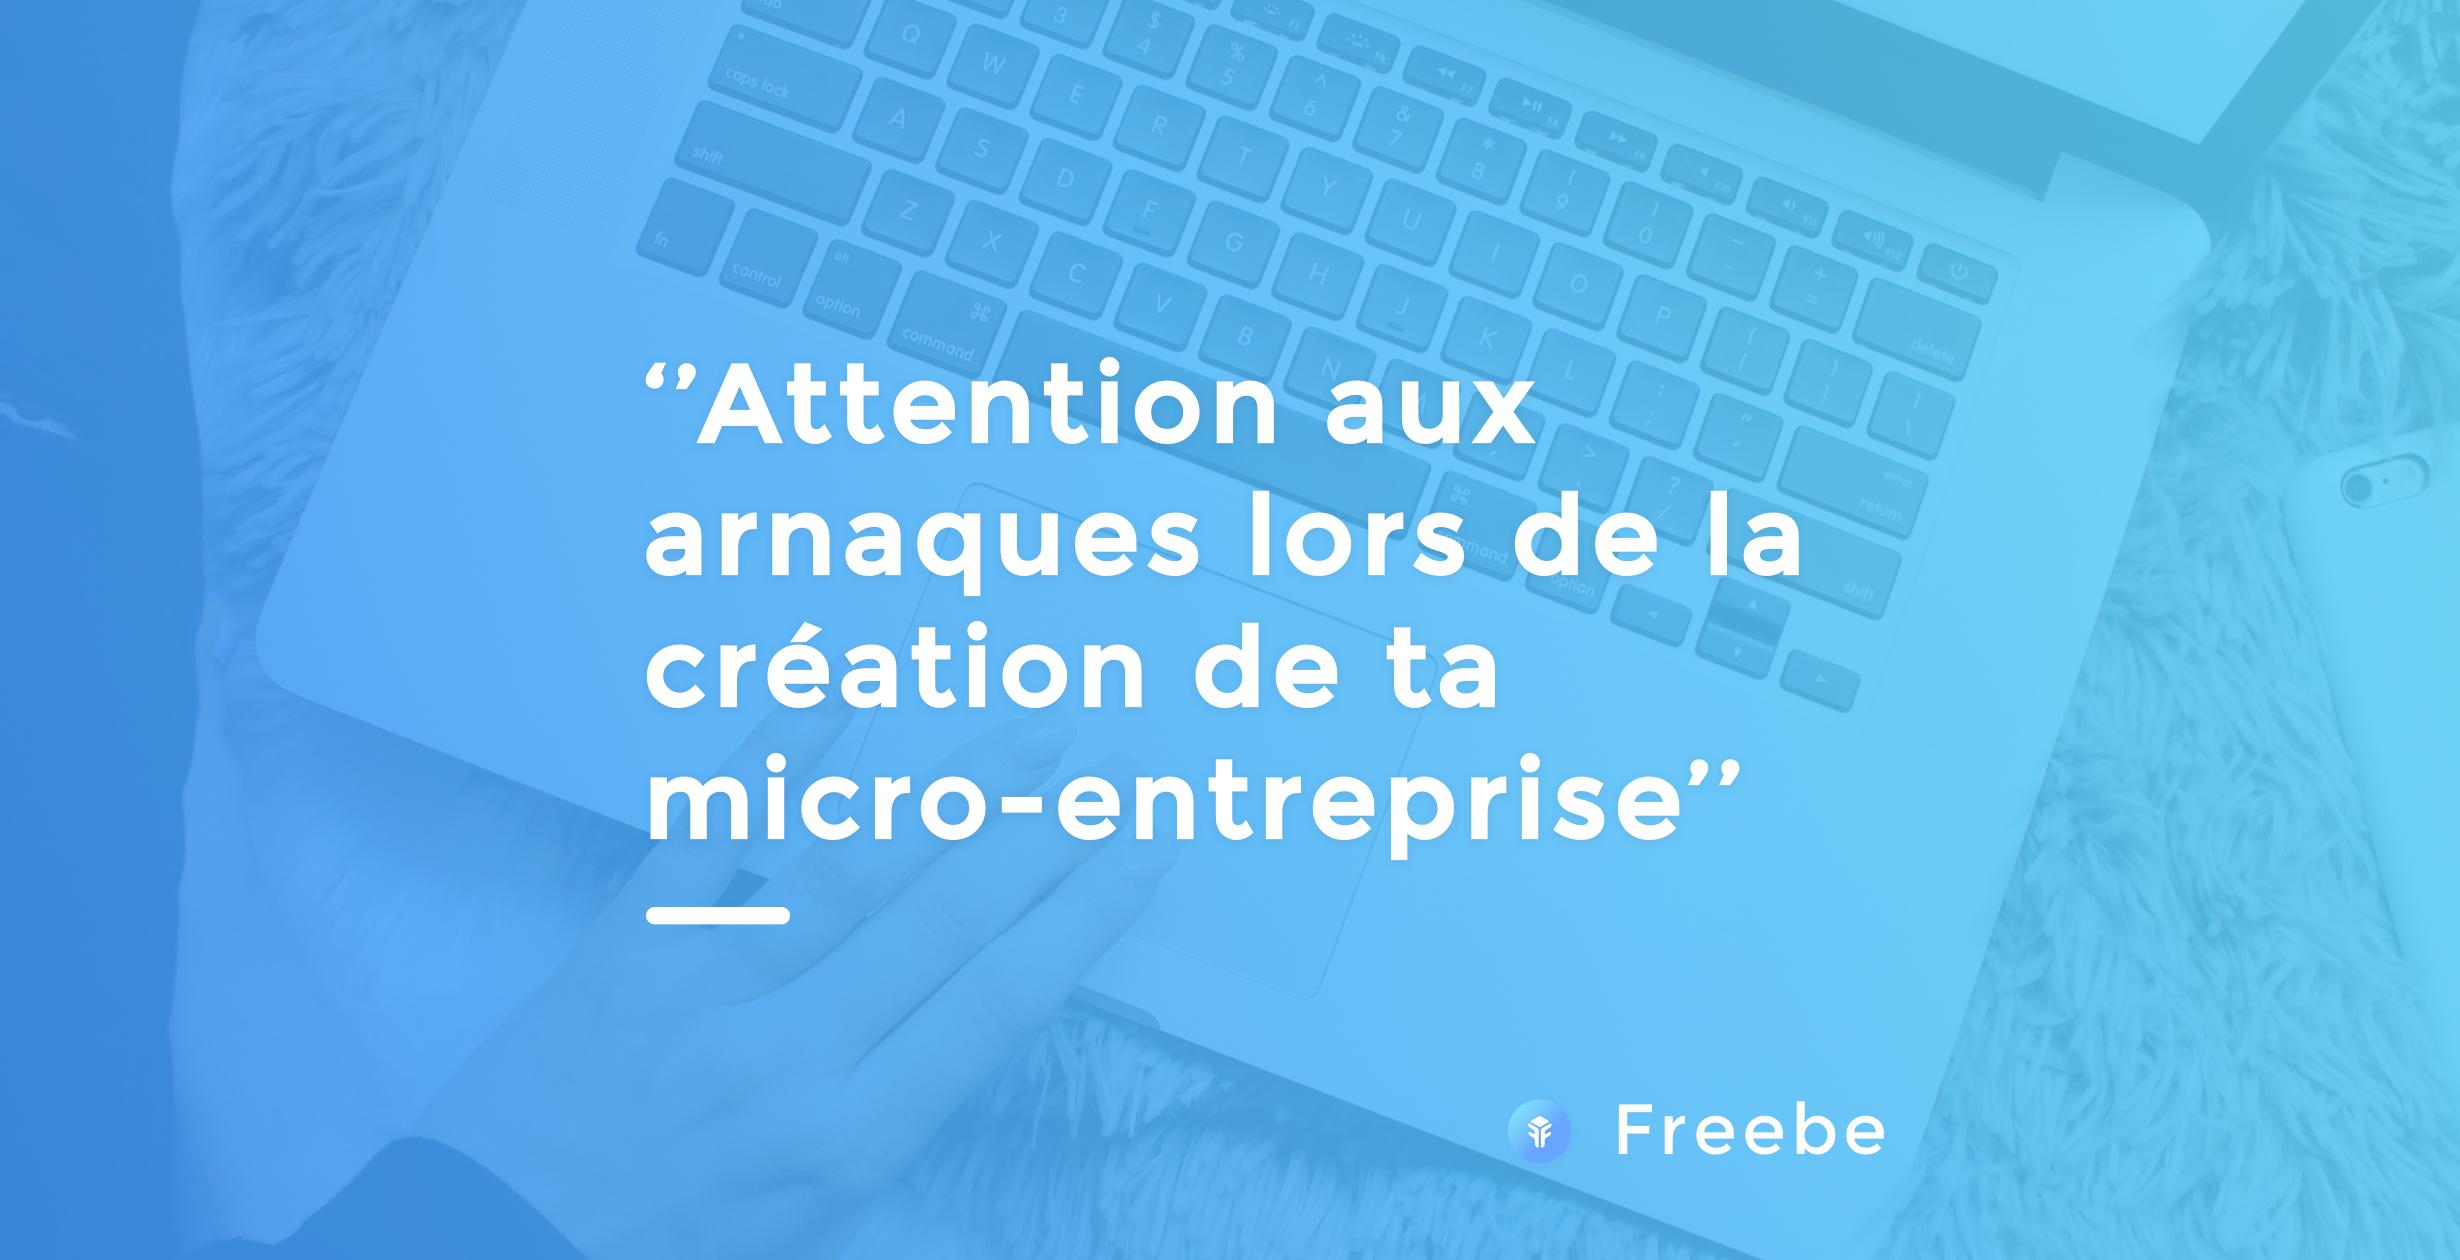 Freebe : Micro-entrepreneur : comment reconnaître les arnaques ?